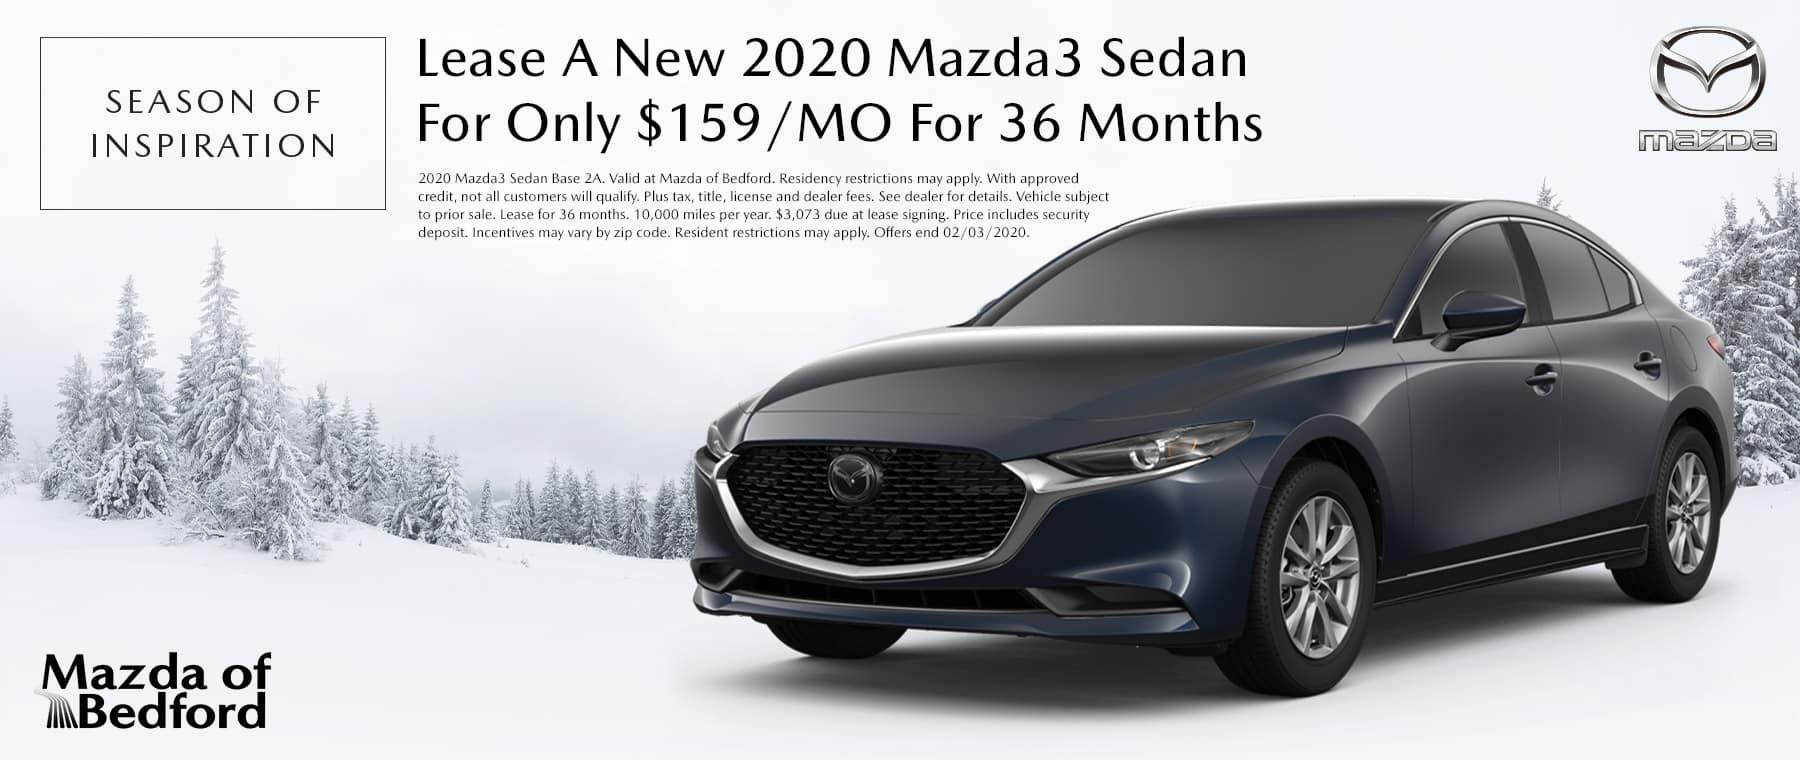 2020 Mazda3 Sedan - Mazda of Bedford - Bedford, OH